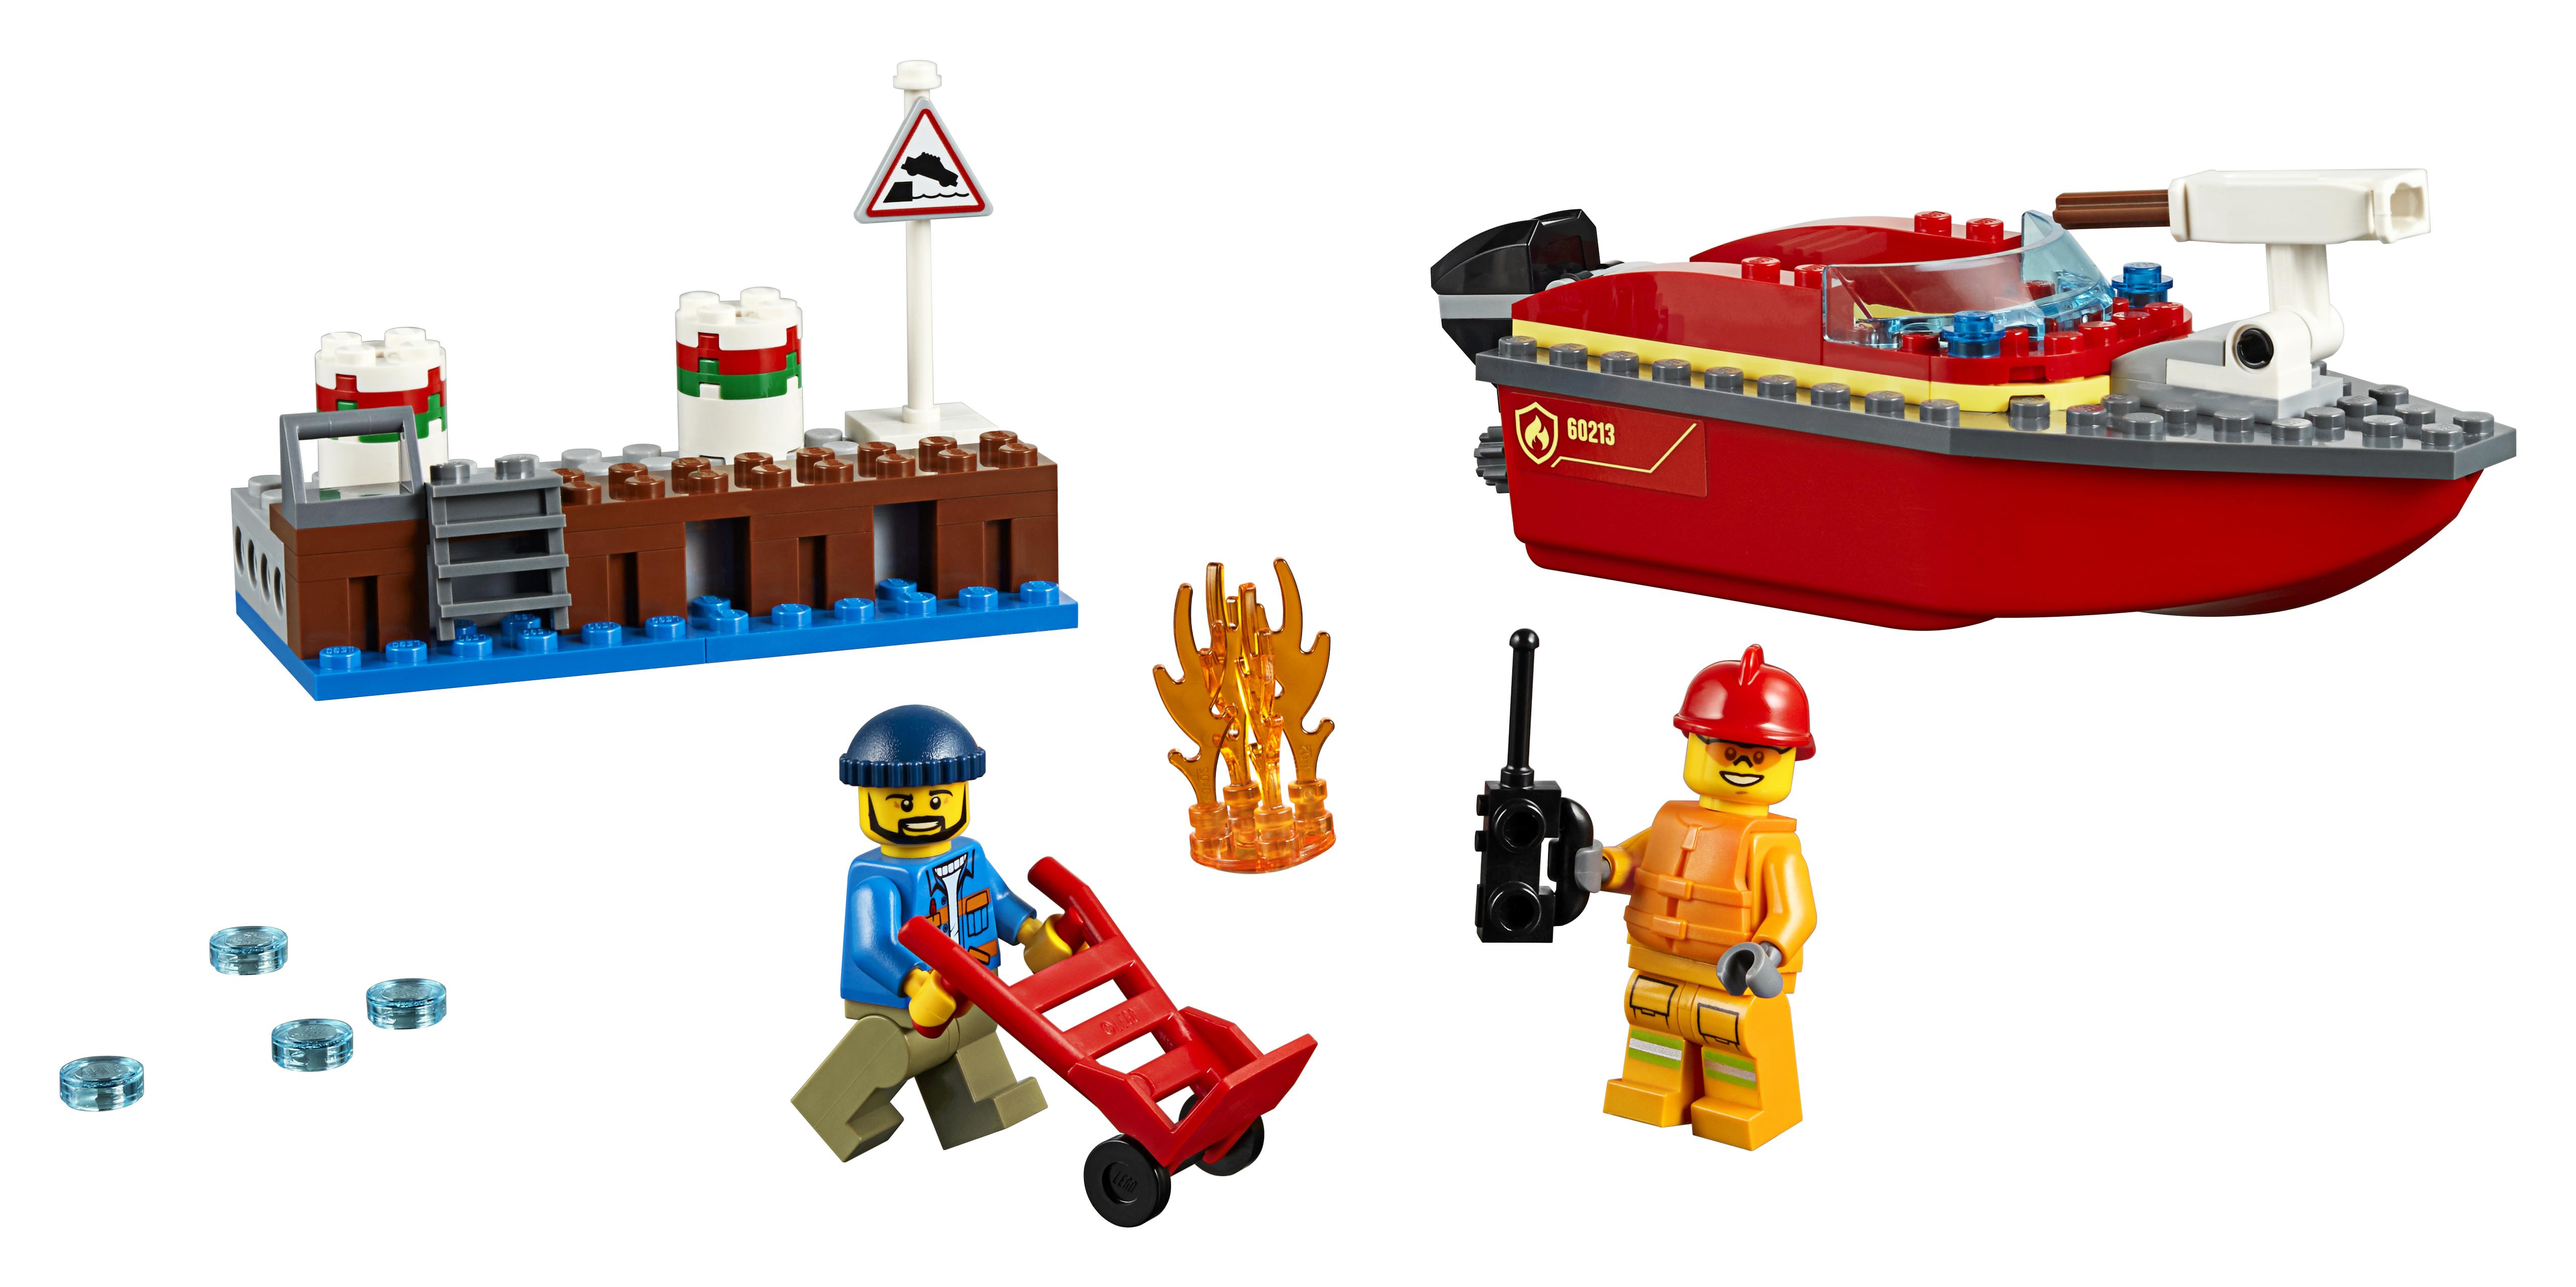 LEGO City - Dock Side Fire (60213)